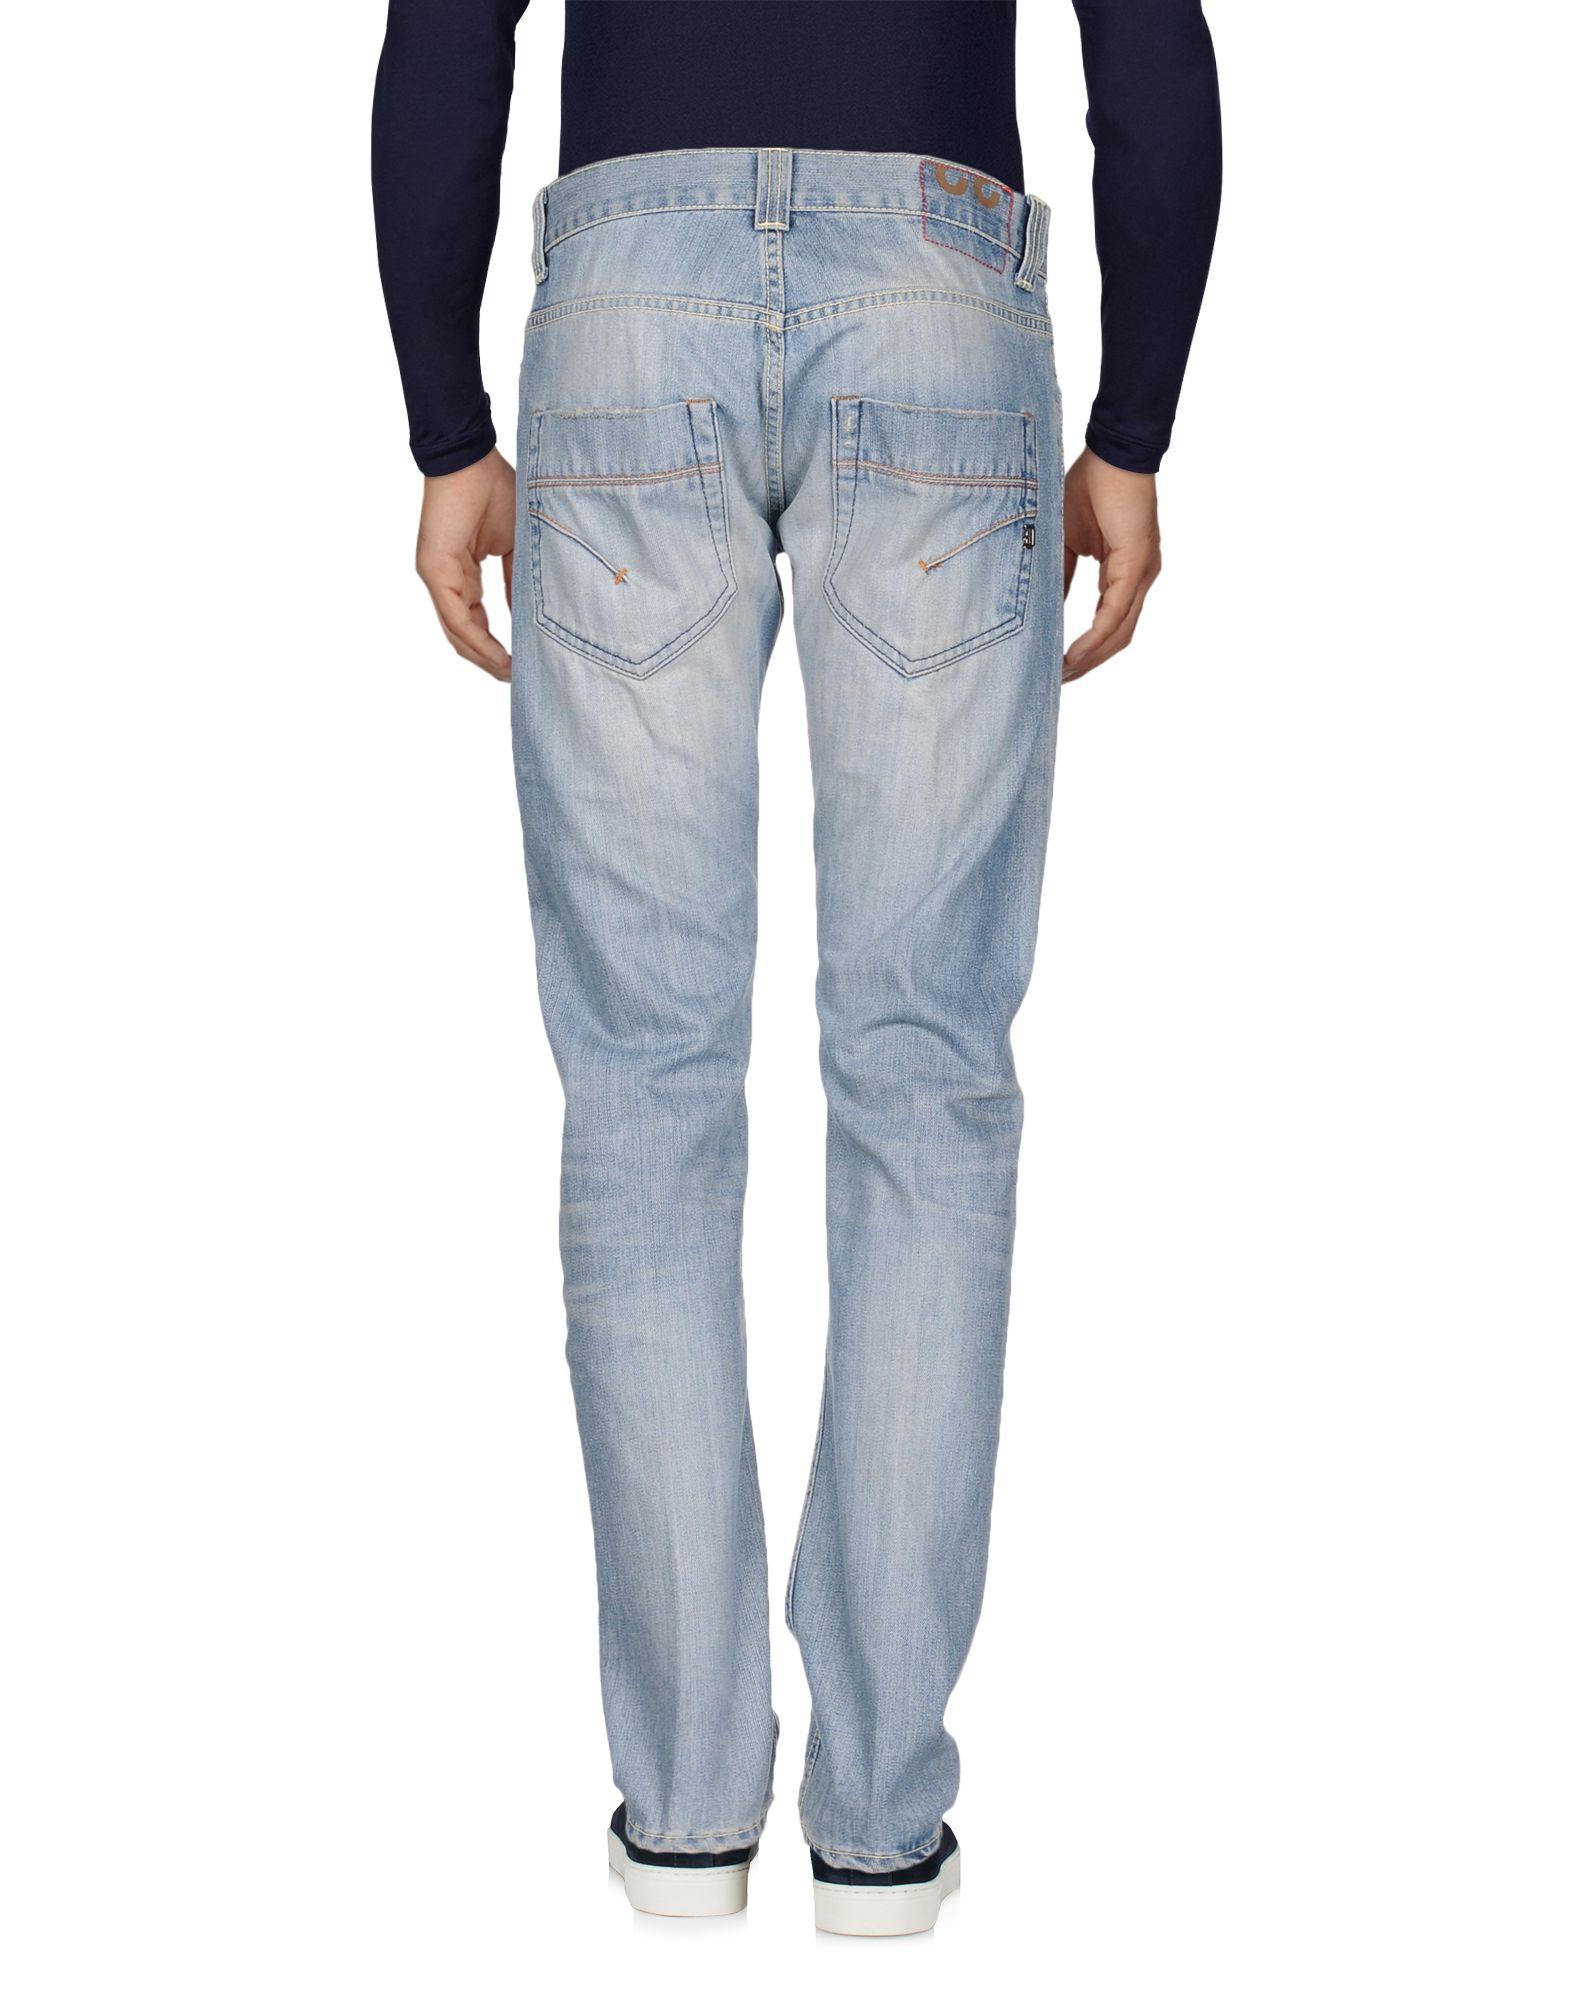 Pantaloni Jeans Dondup Uomo Uomo Dondup - 42681990PB cae0f0